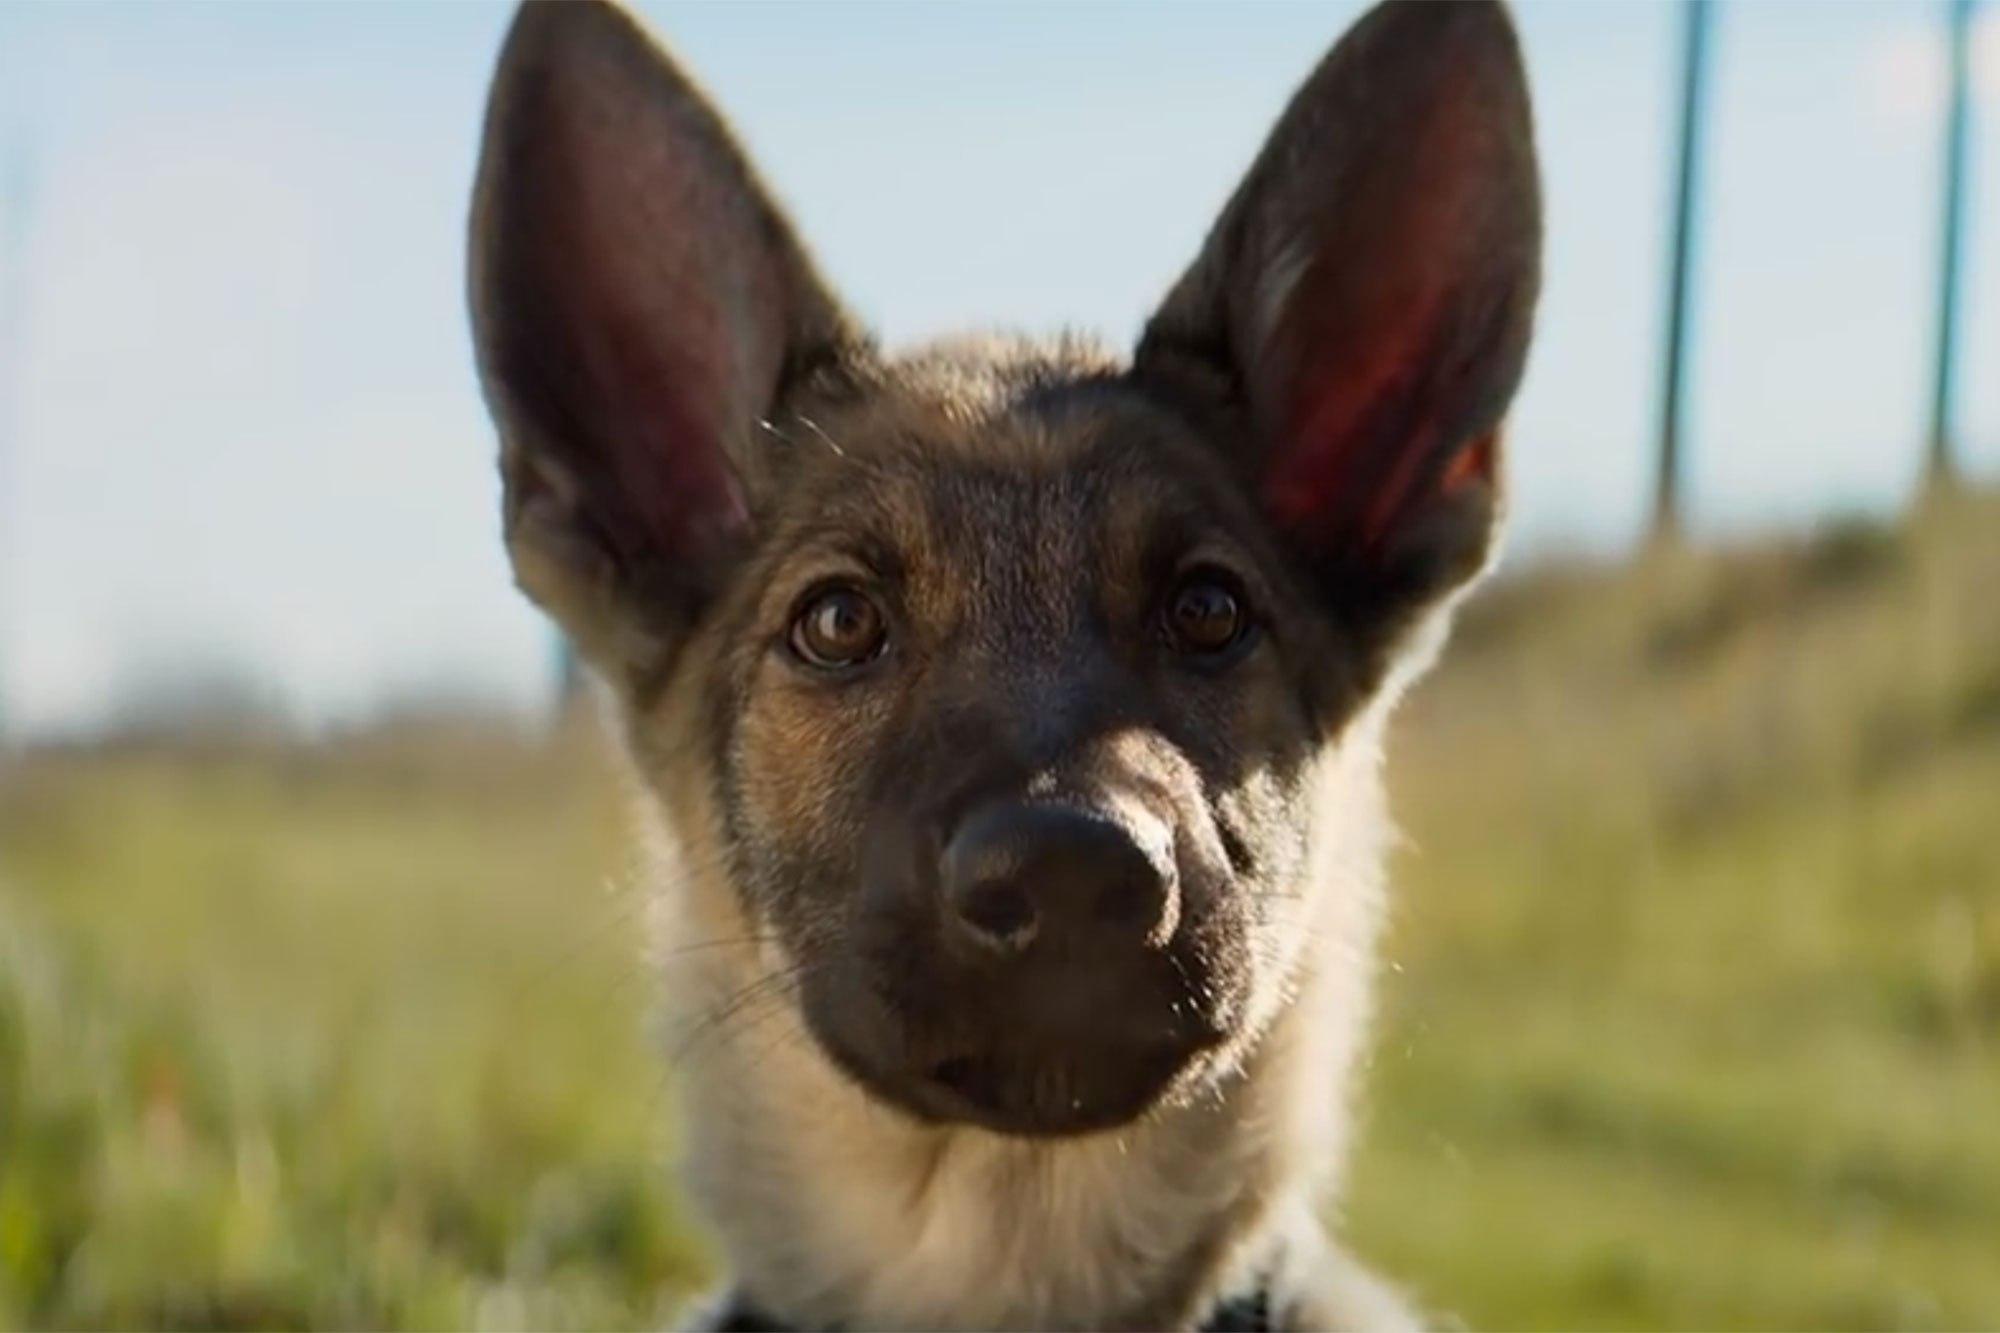 """Universal canceló la premiere de """"A Dog's Purpose"""" tras polémica por maltrato a perro"""